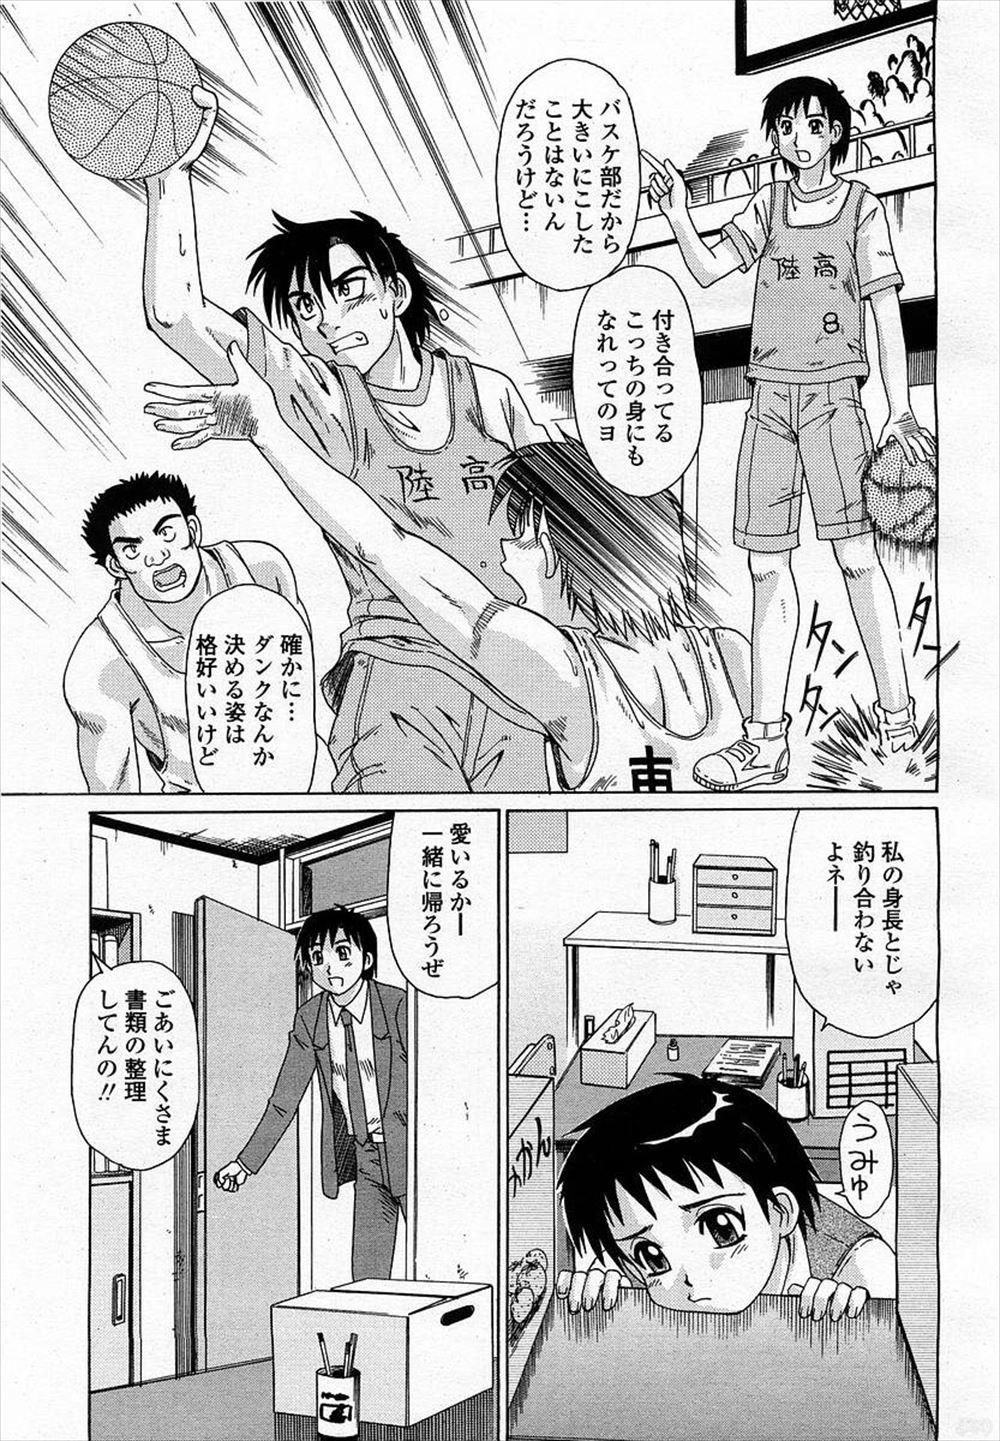 【エロ漫画】背の低いJKが彼氏に慰められ胸を揉まれ手マンクンニをされてしまうとイチャラブ中出しセックス【無料 エロ同人誌】 005